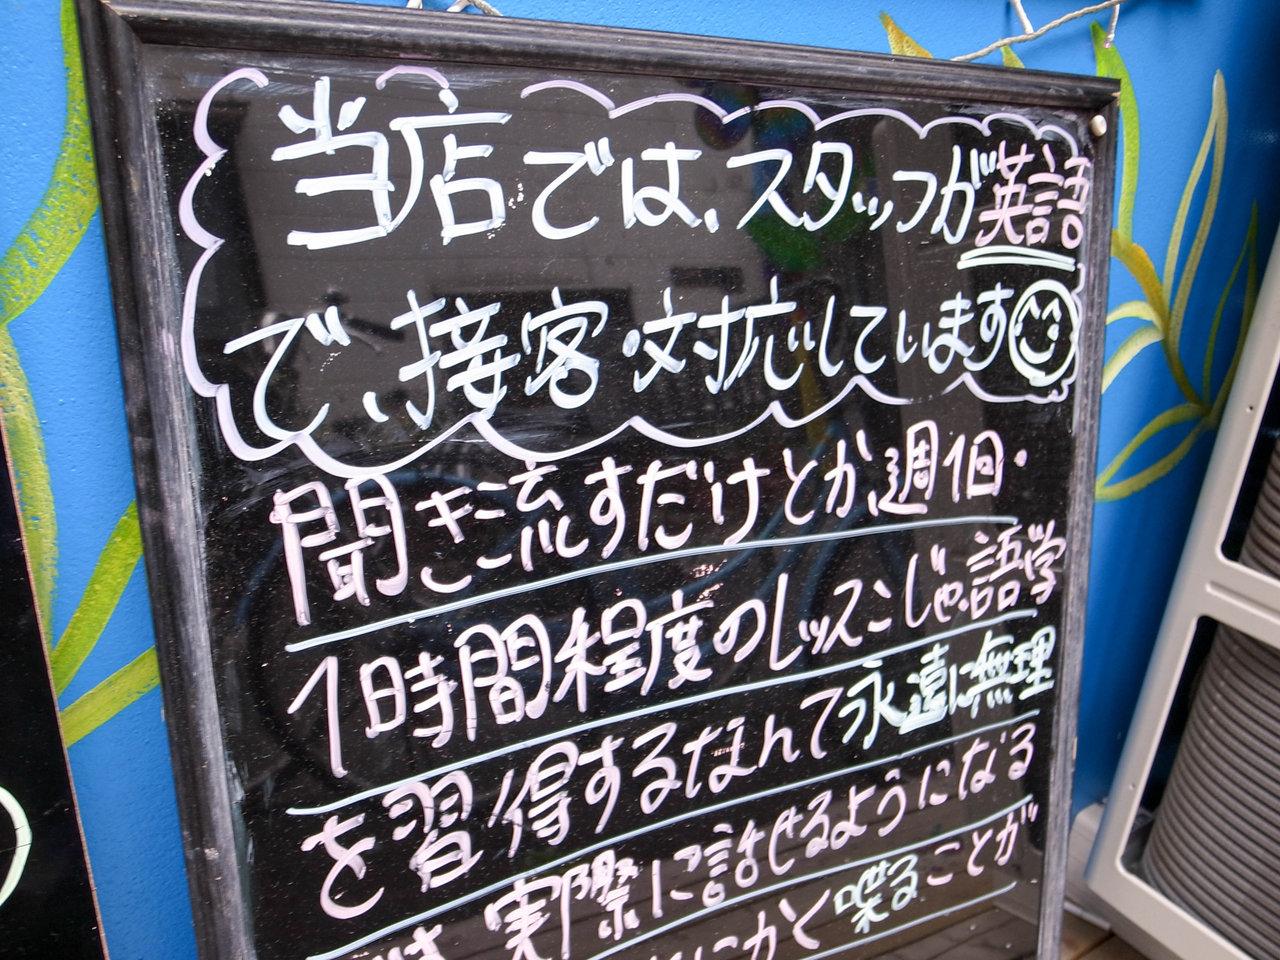 TOEIC260点のサムライが、英語オンリーの珈琲店「cafe Byron Bay(浅草)」に討ち入りしてきた